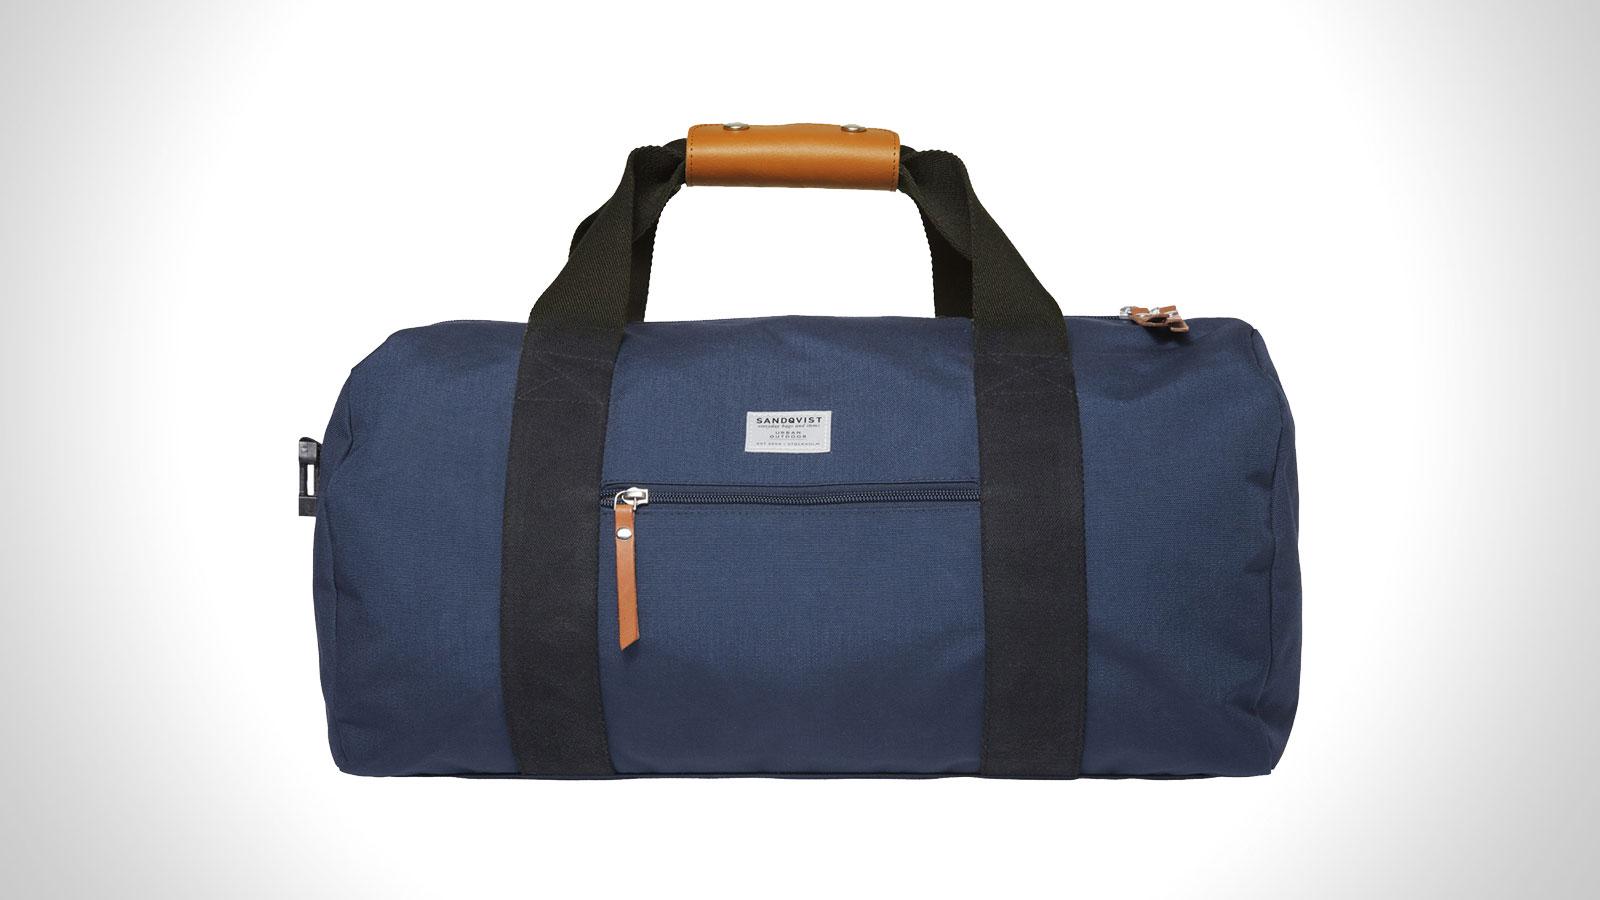 Sandqvist Floyd - Blue Gym Duffel Bag | best mens gym duffle bag